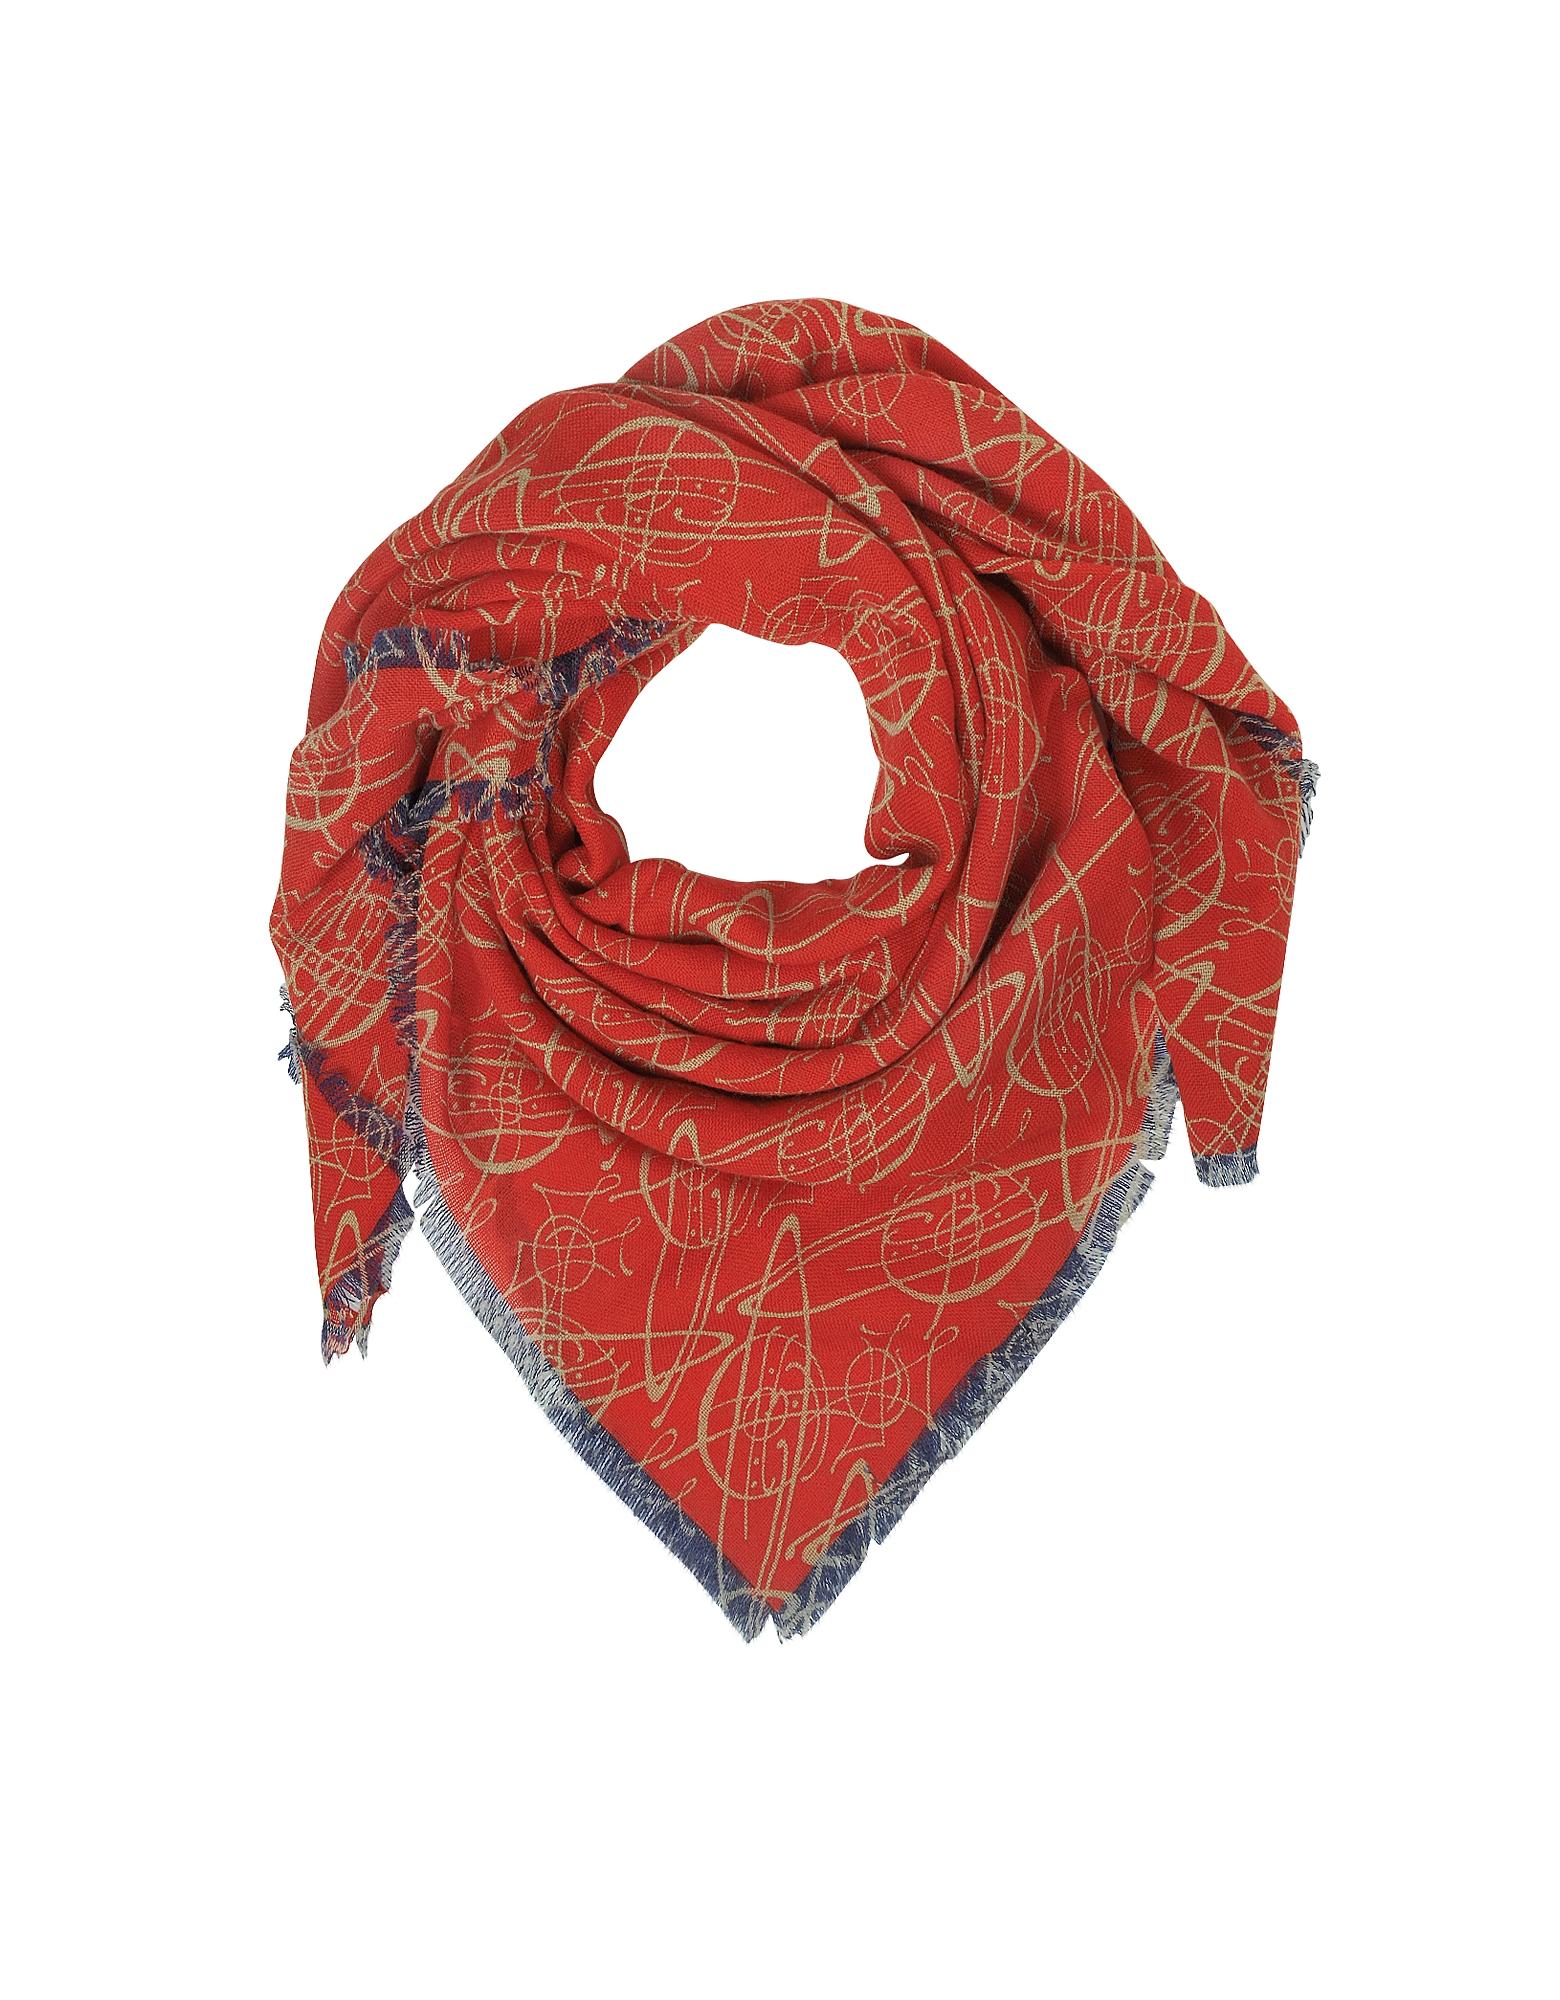 Red Graffiti Orbs Print Wool Shawl